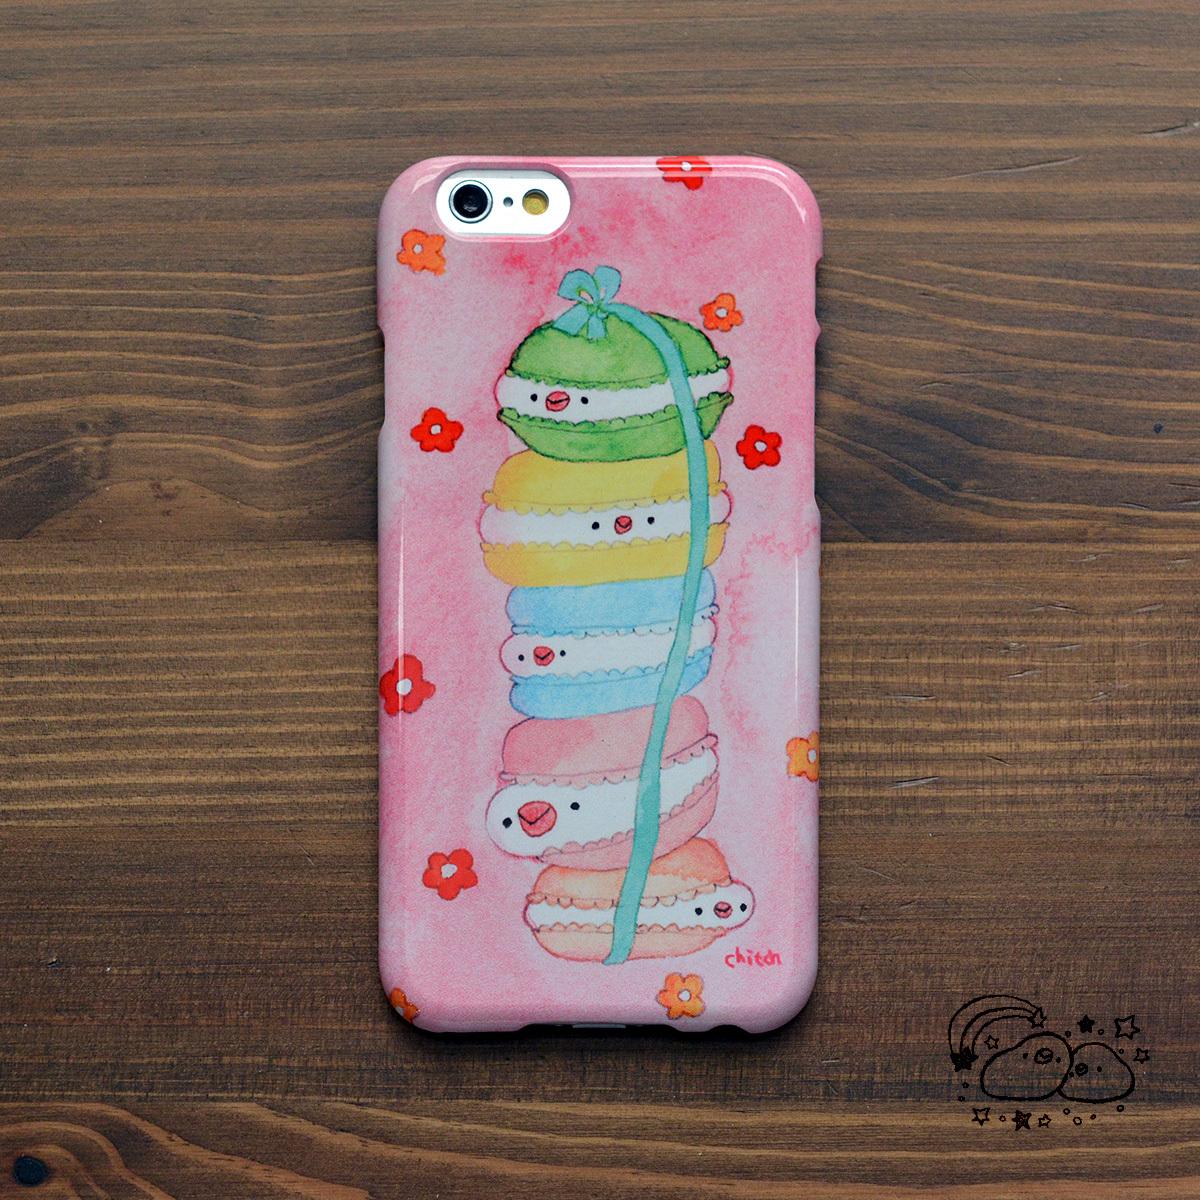 スマホケース iphone6s 白文鳥 白文鳥 グッズ 文鳥 スマホ 文鳥 グッズ ぴよマカロン/chitch